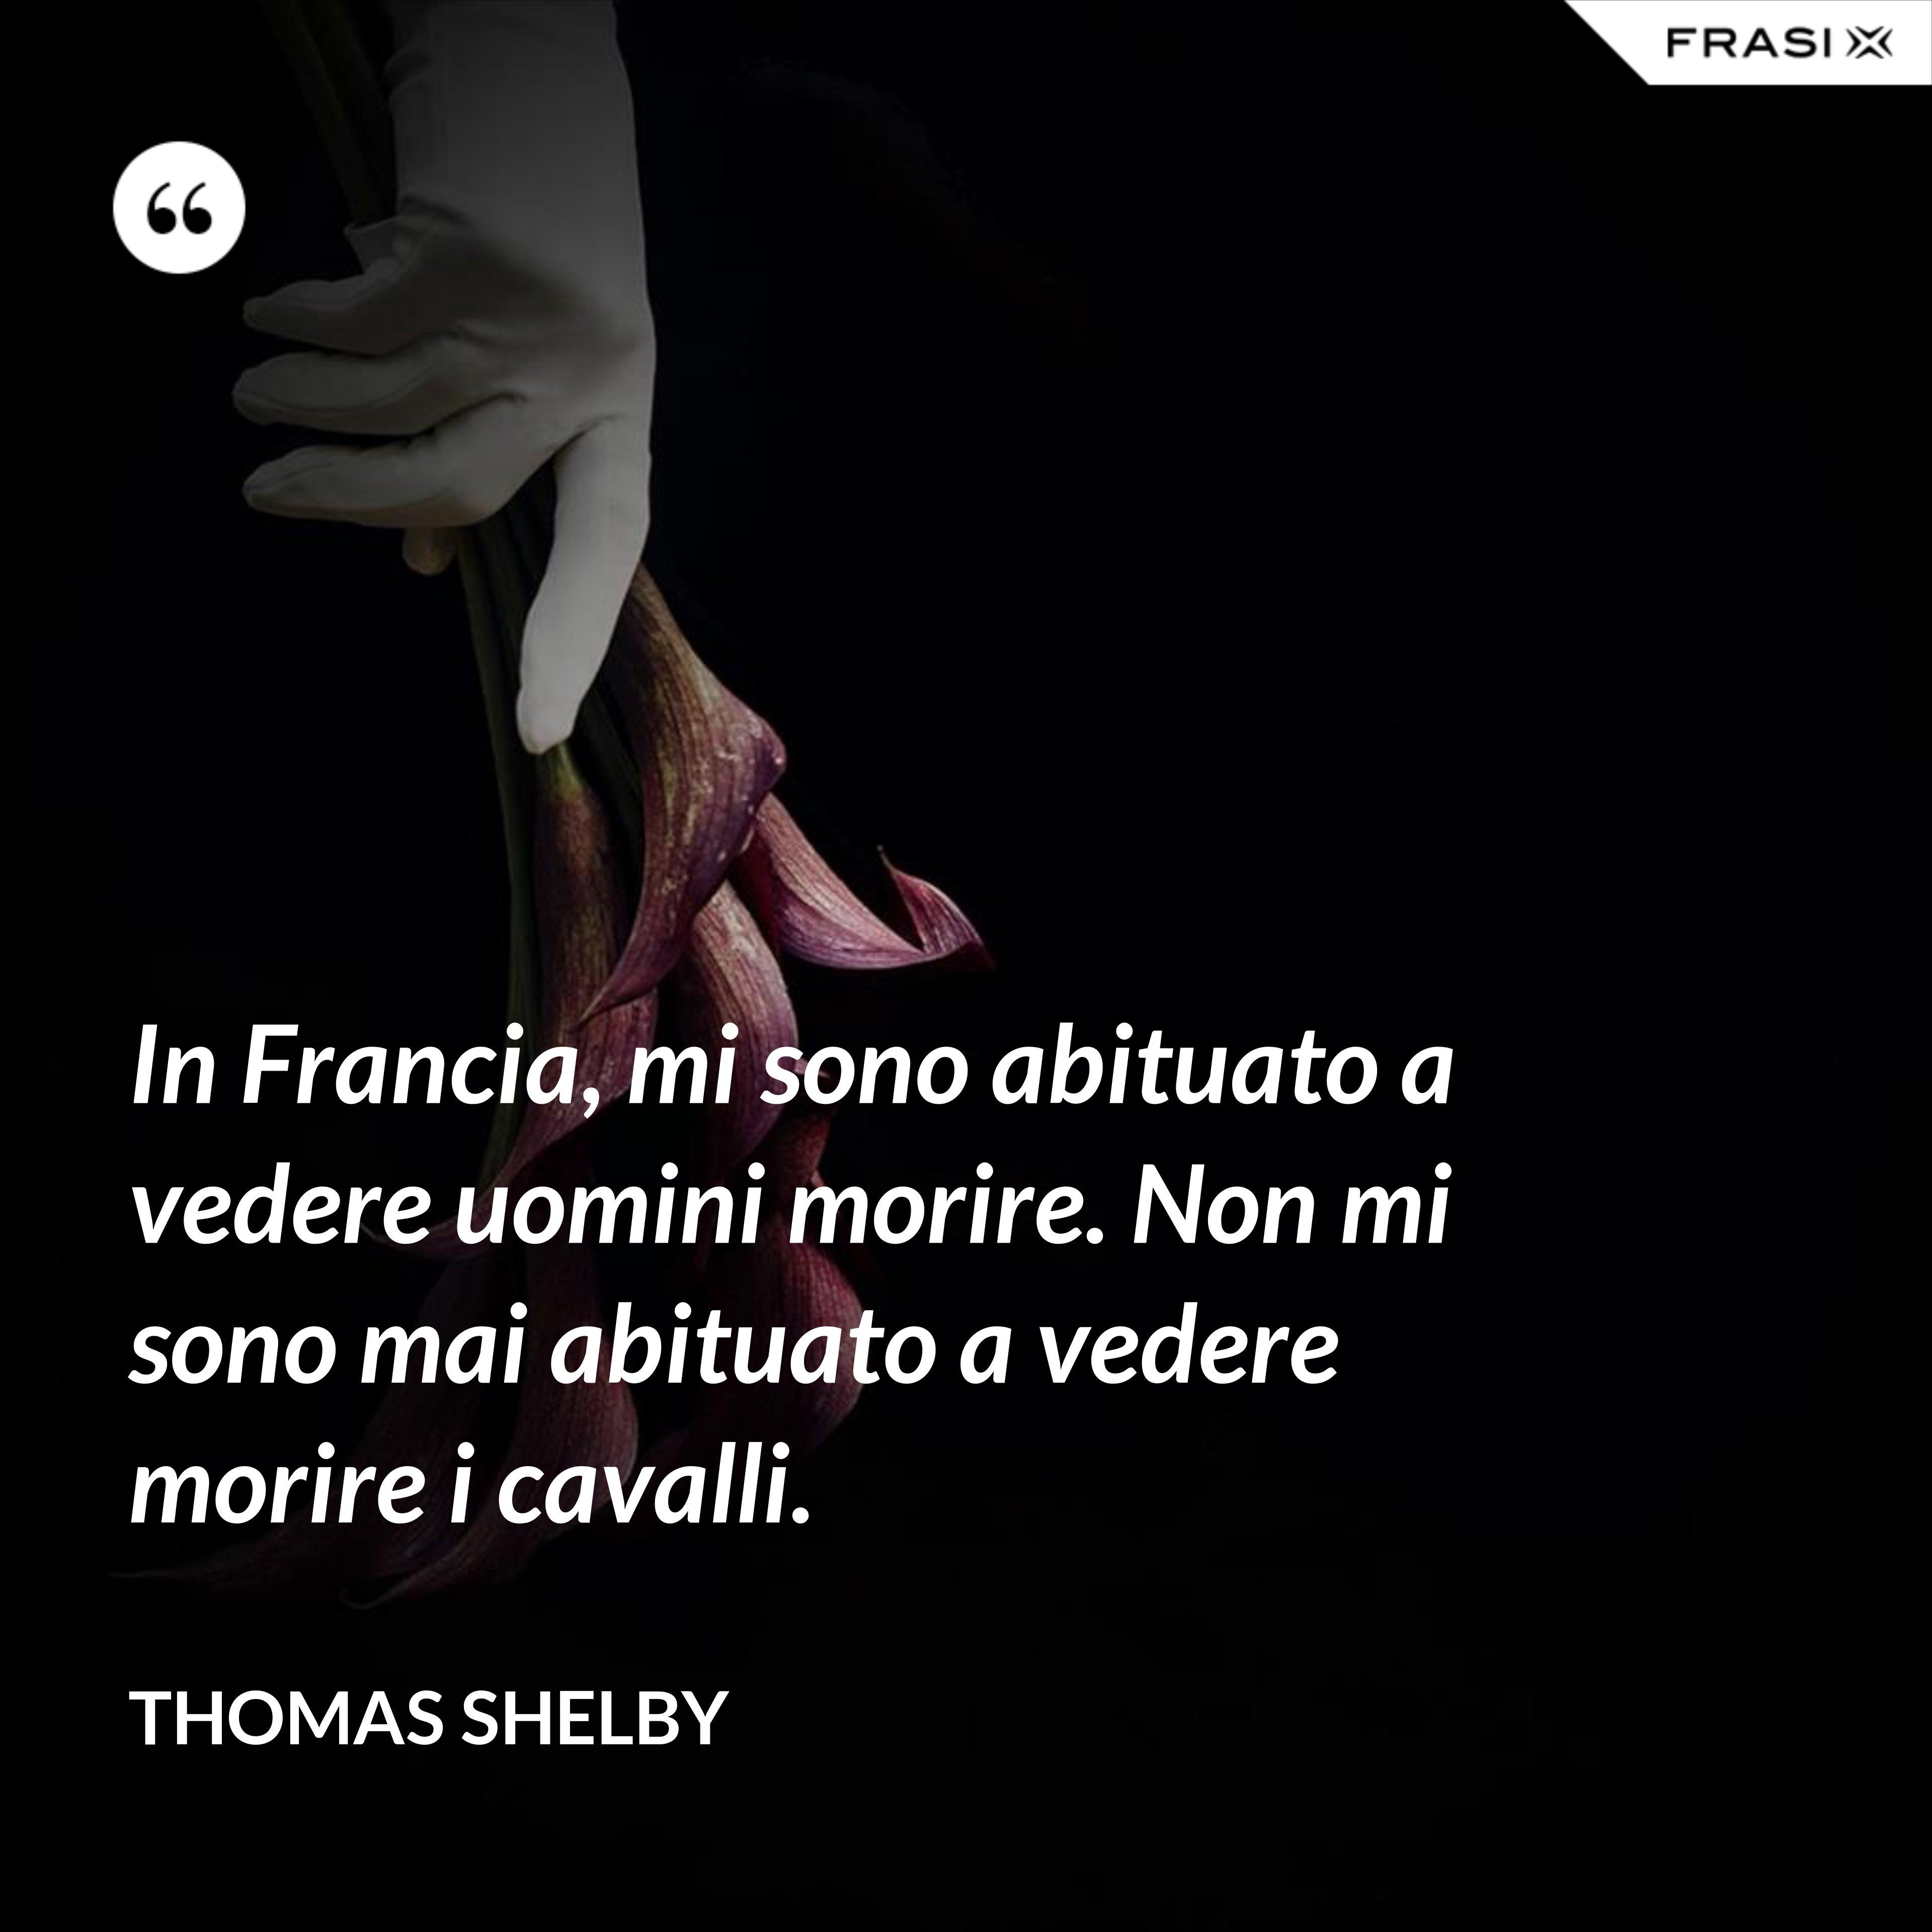 In Francia, mi sono abituato a vedere uomini morire. Non mi sono mai abituato a vedere morire i cavalli. - Thomas Shelby